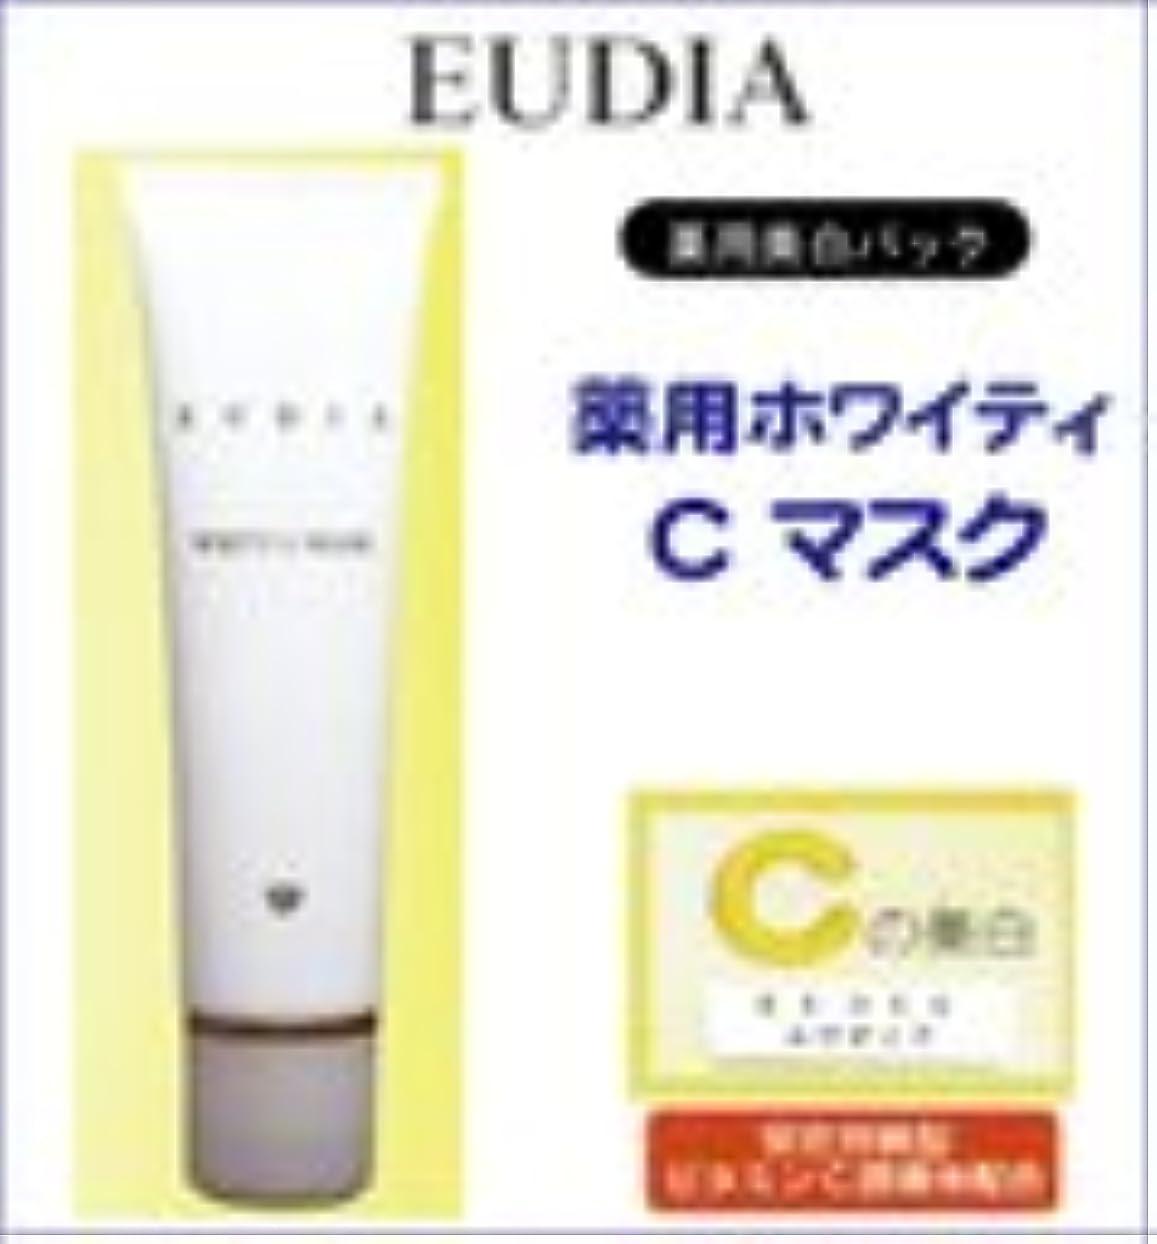 【ベルマン化粧品】  エウディア 薬用 ホワイティ C マスク  110g【医薬部外品】